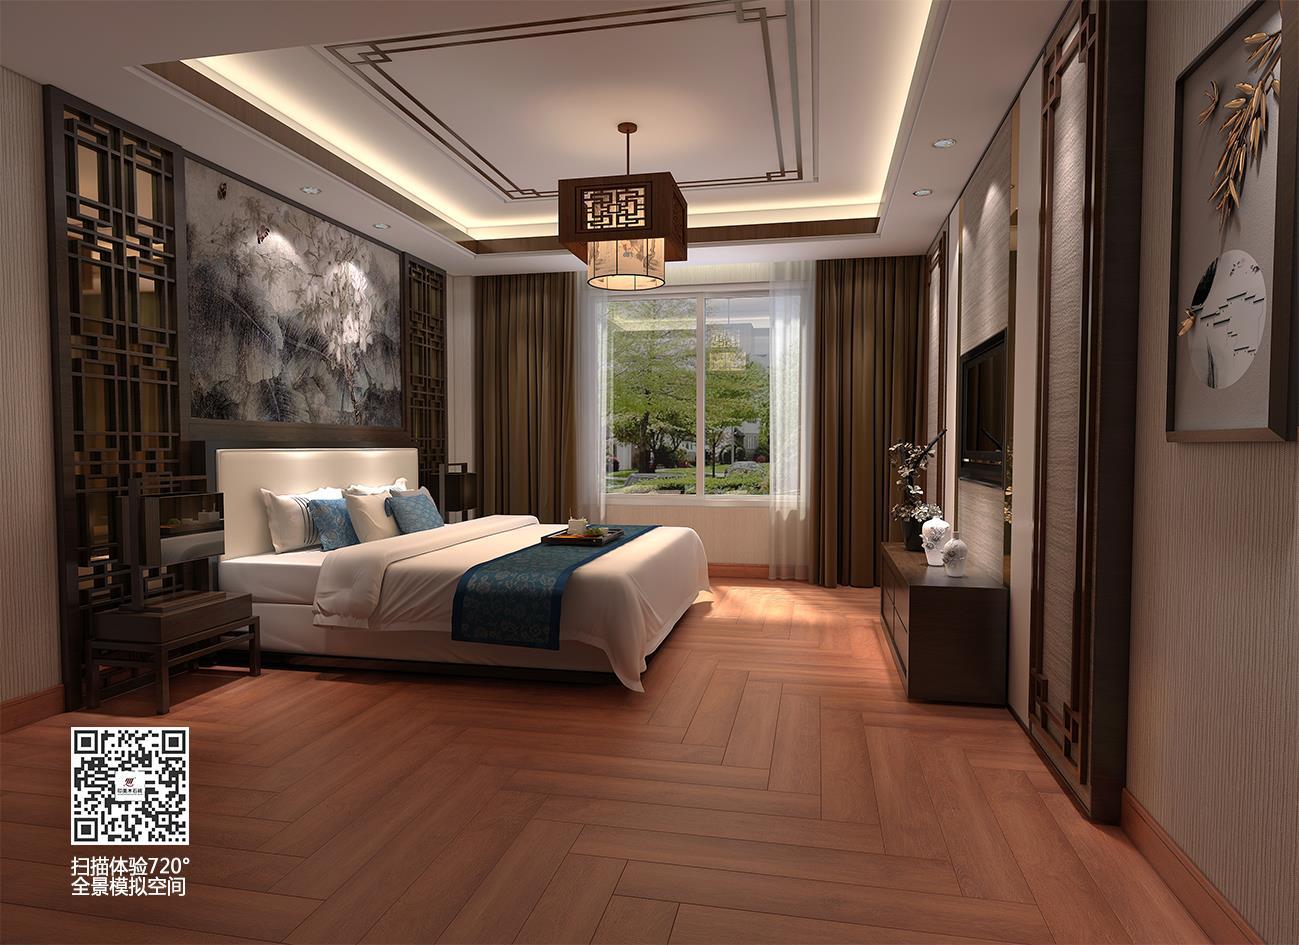 木纹砖:159251